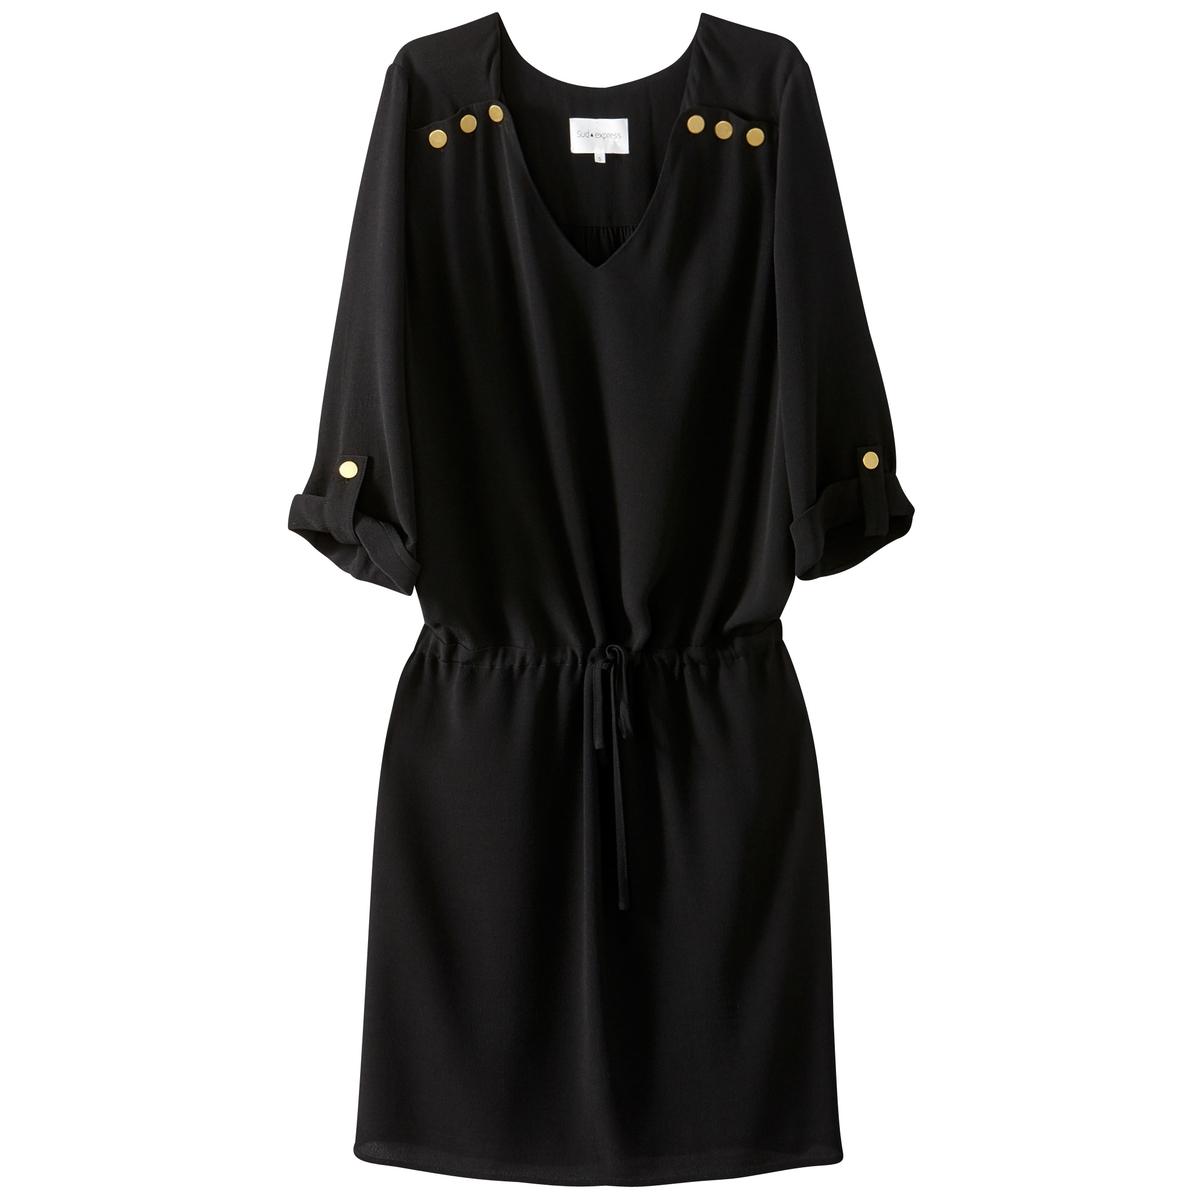 Платье однотонное расклешенного покроя, длина миди, 3/4Детали •  Форма : расклешенная •  Длина миди, 3/4 •  Длинные рукава    •  Круглый вырезСостав и уход •  100% вискоза •  Следуйте советам по уходу, указанным на этикетке<br><br>Цвет: черный<br>Размер: M